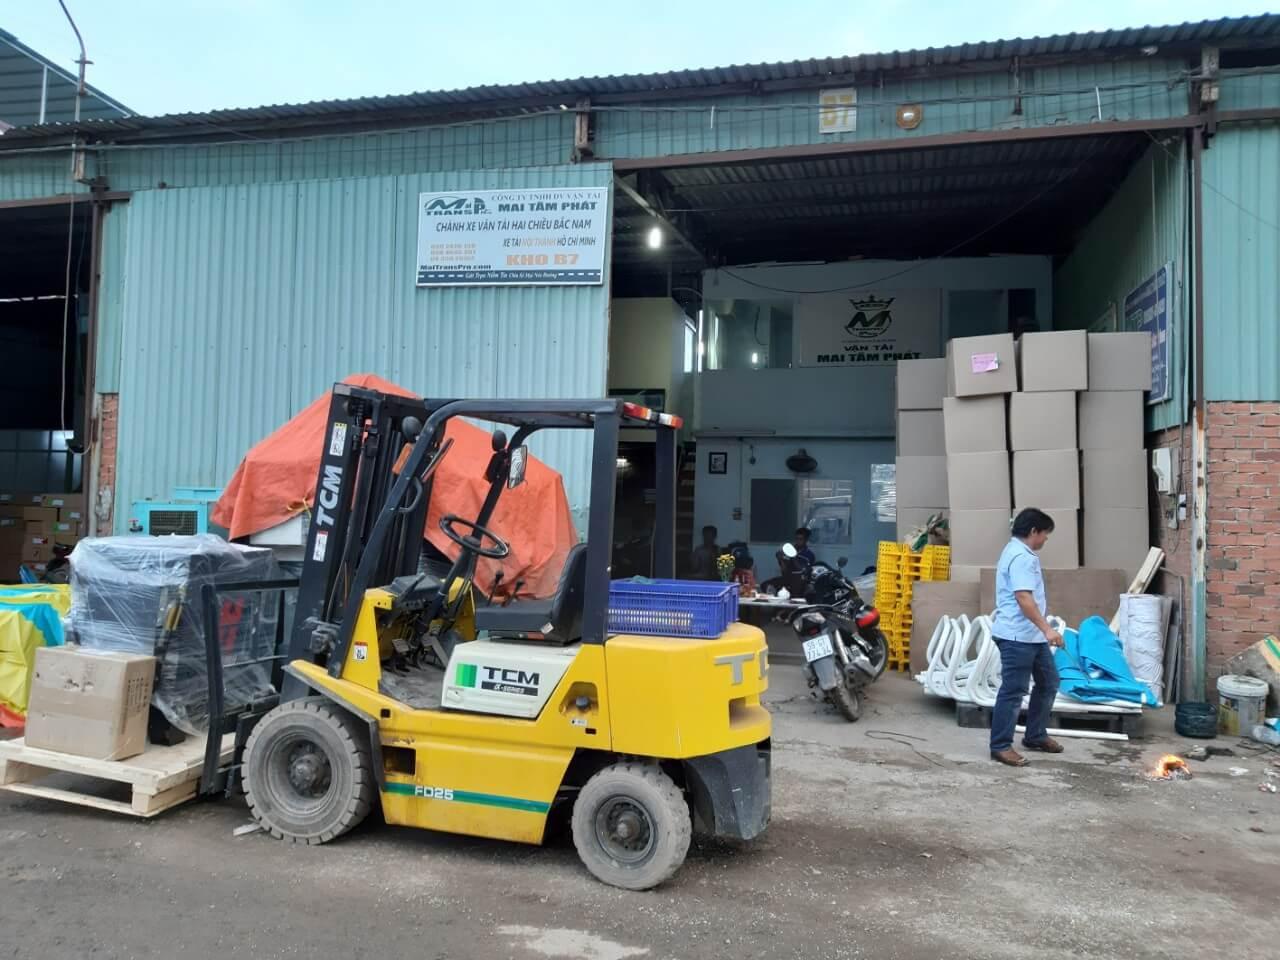 Mai Tâm Phát – Dịch vụ chành xe chuyển hàng gửi đi Hà Nội giá rẻ, uy tín, chất lượng nhất hiện nay